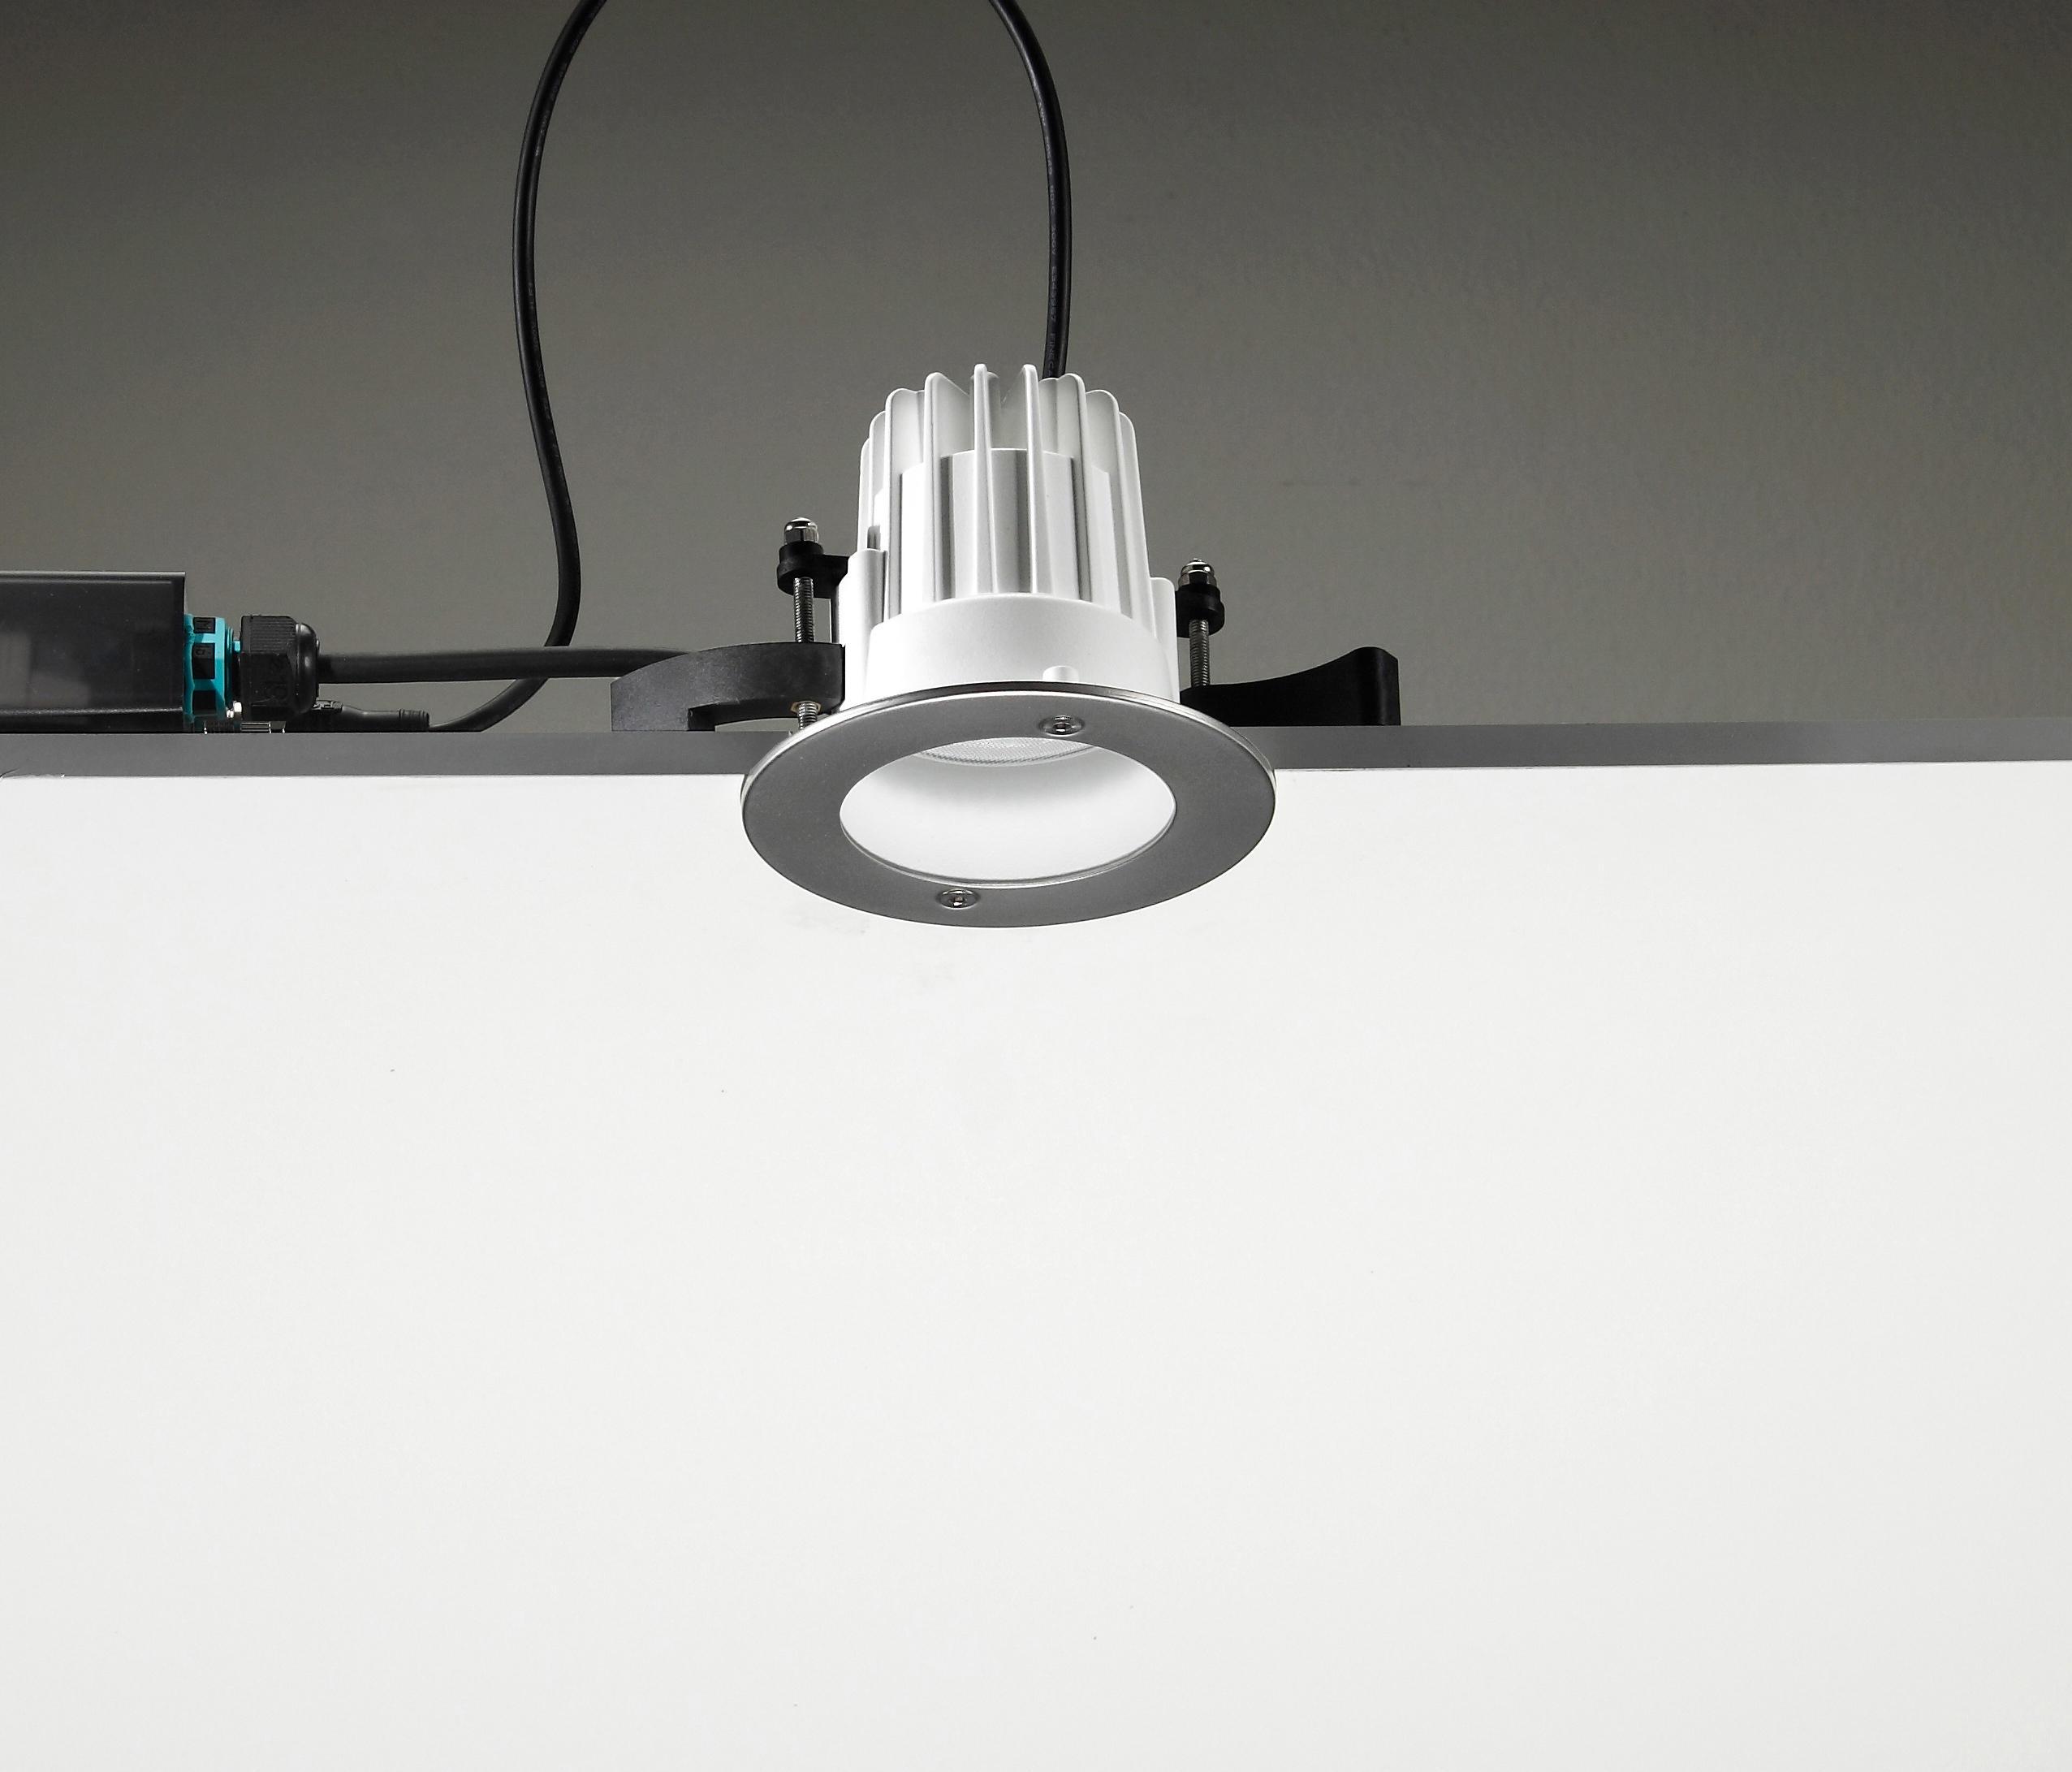 LEILA 105 COB LED / STAINLESS STEEL FRAME - MEDIUM BEAM 20 ...